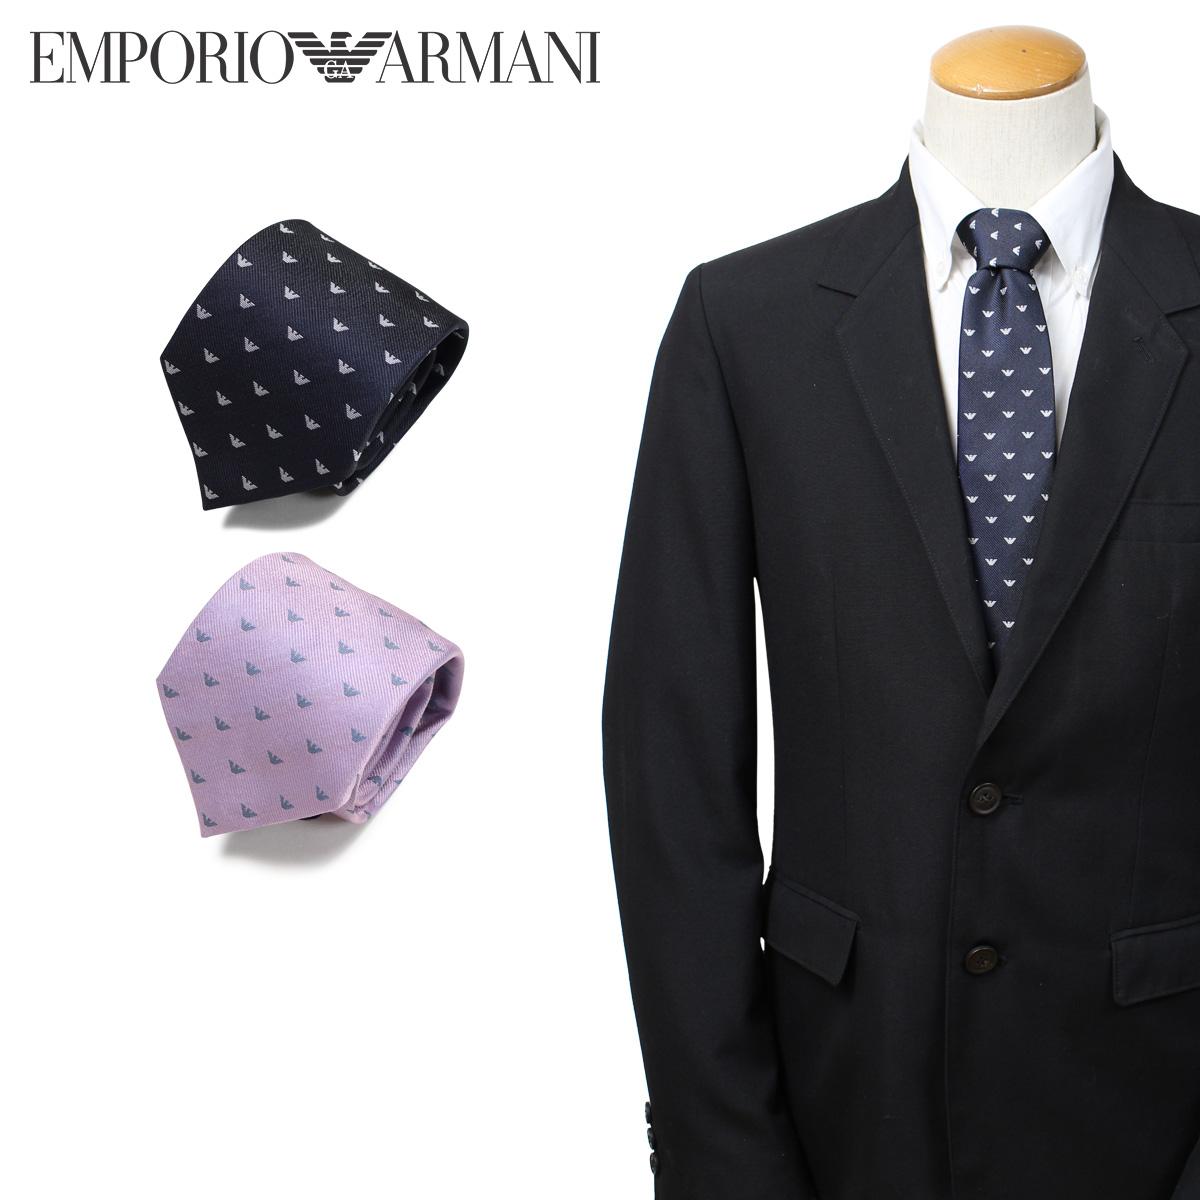 EMPORIO ARMANI エンポリオ アルマーニ ネクタイ メンズ イタリア製 シルク ビジネス 結婚式 ネイビー ピンク [3/25 新入荷]